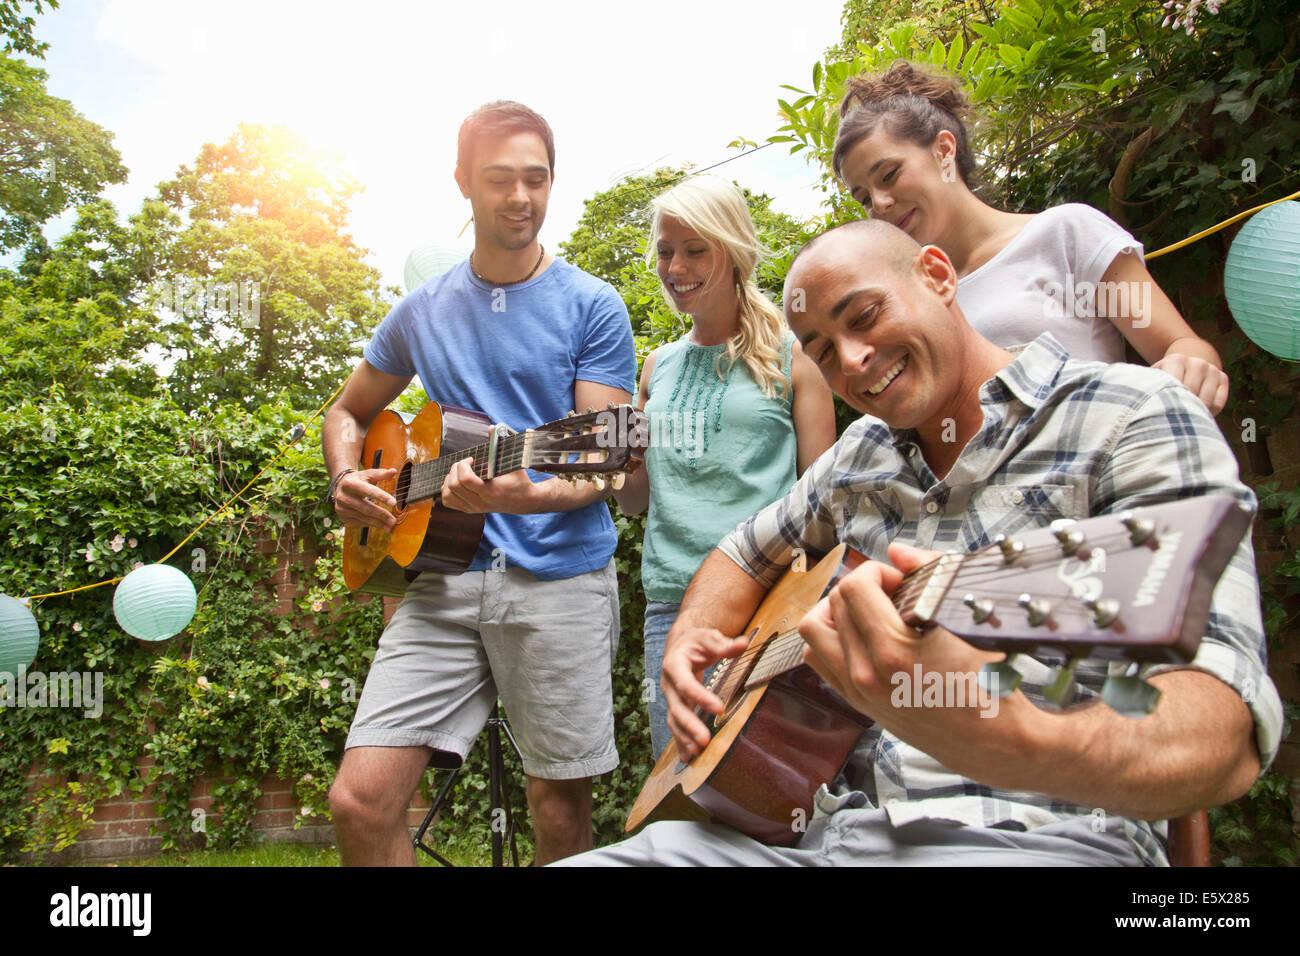 Les amis masculins playing acoustic guitar dans le jardin pour les amies Photo Stock